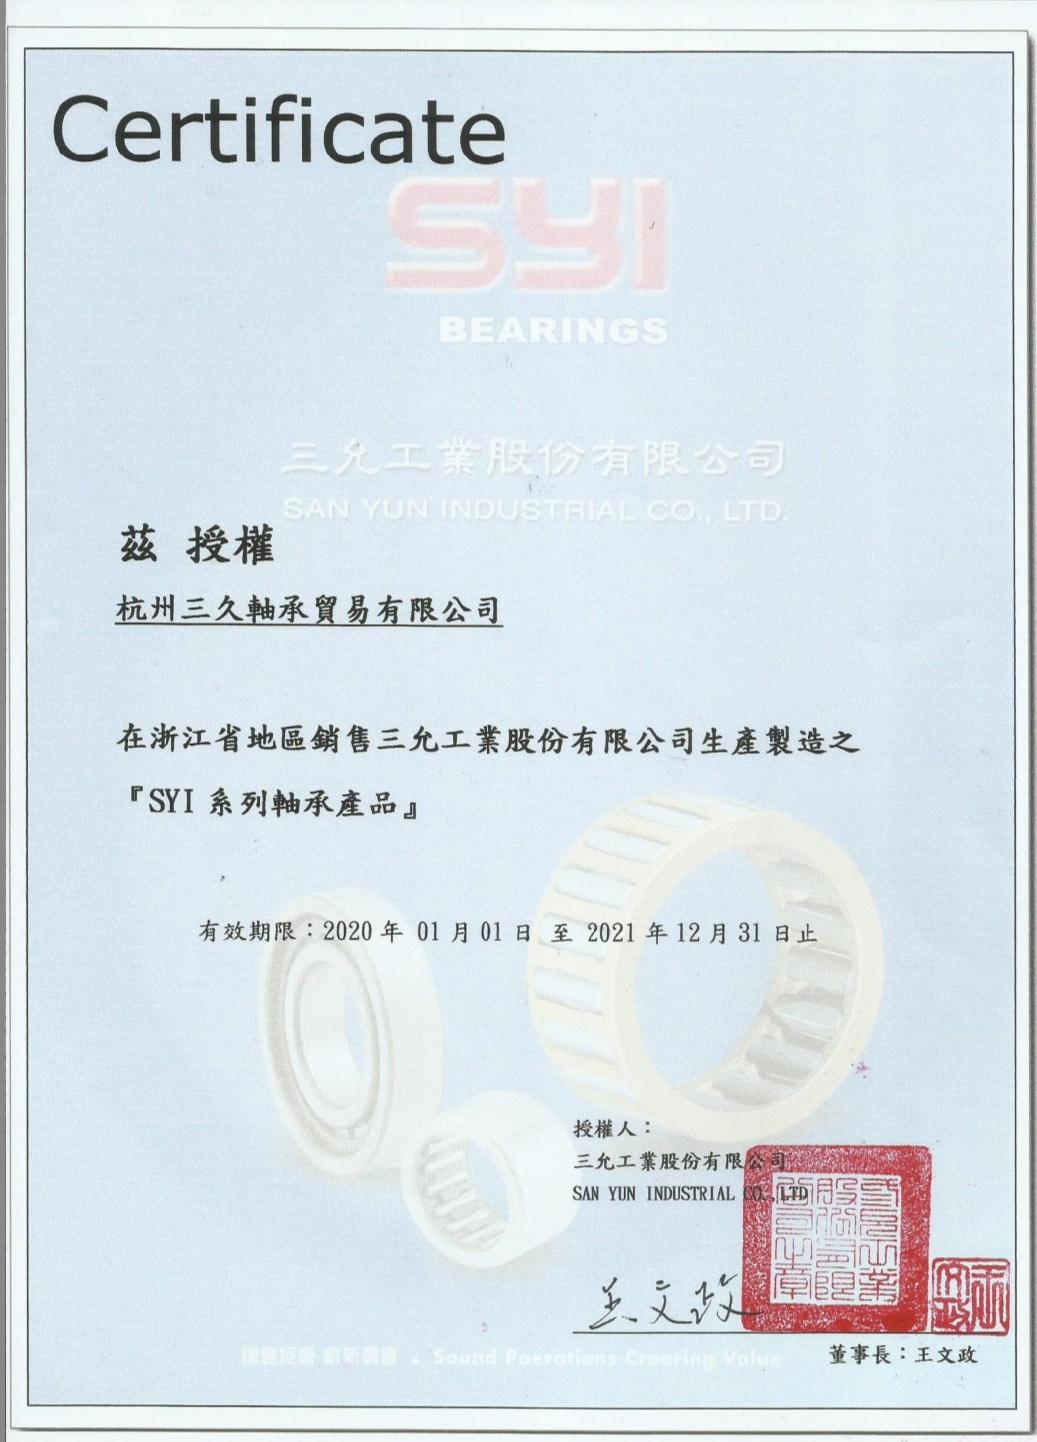 杭州三久轴承贸易有限公司